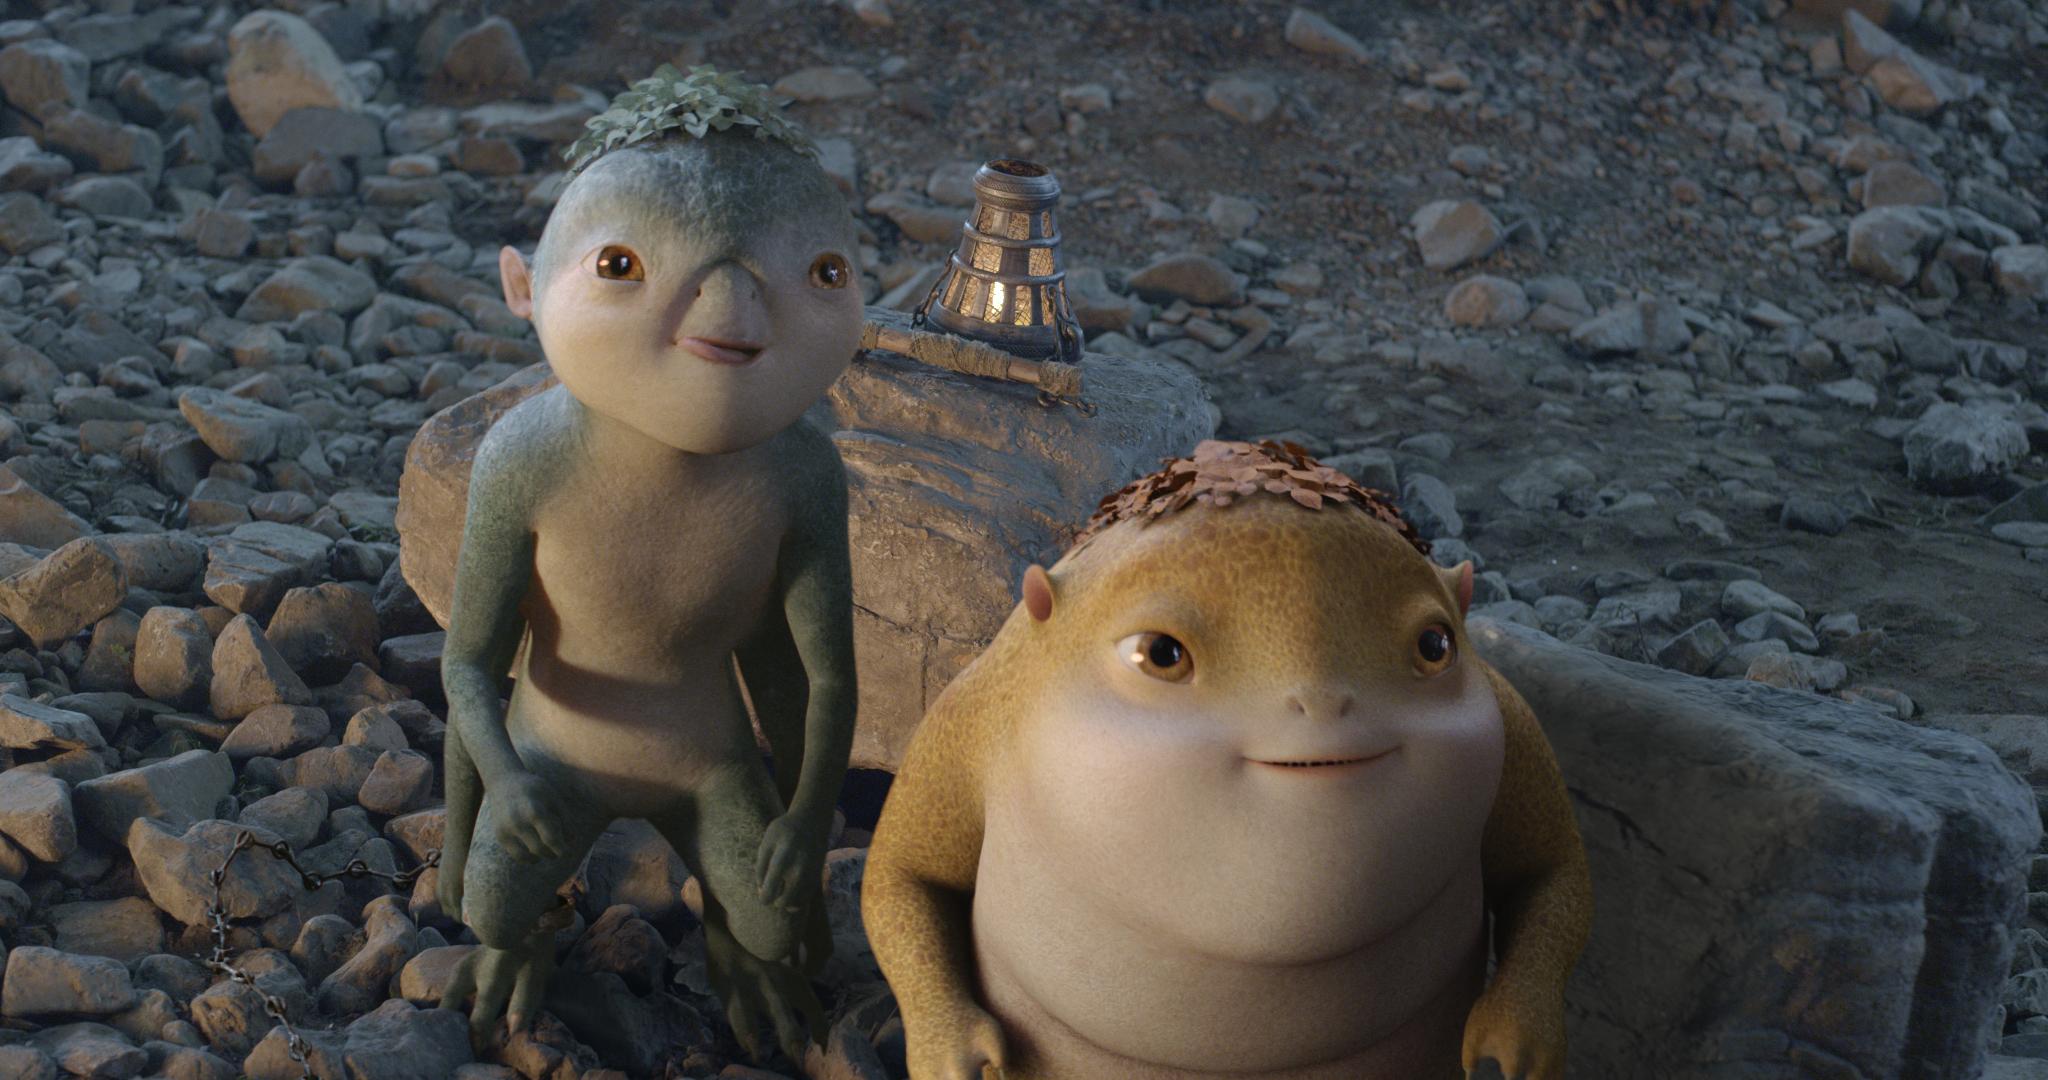 Il regno di Wuba: un'immagine tratta dal film